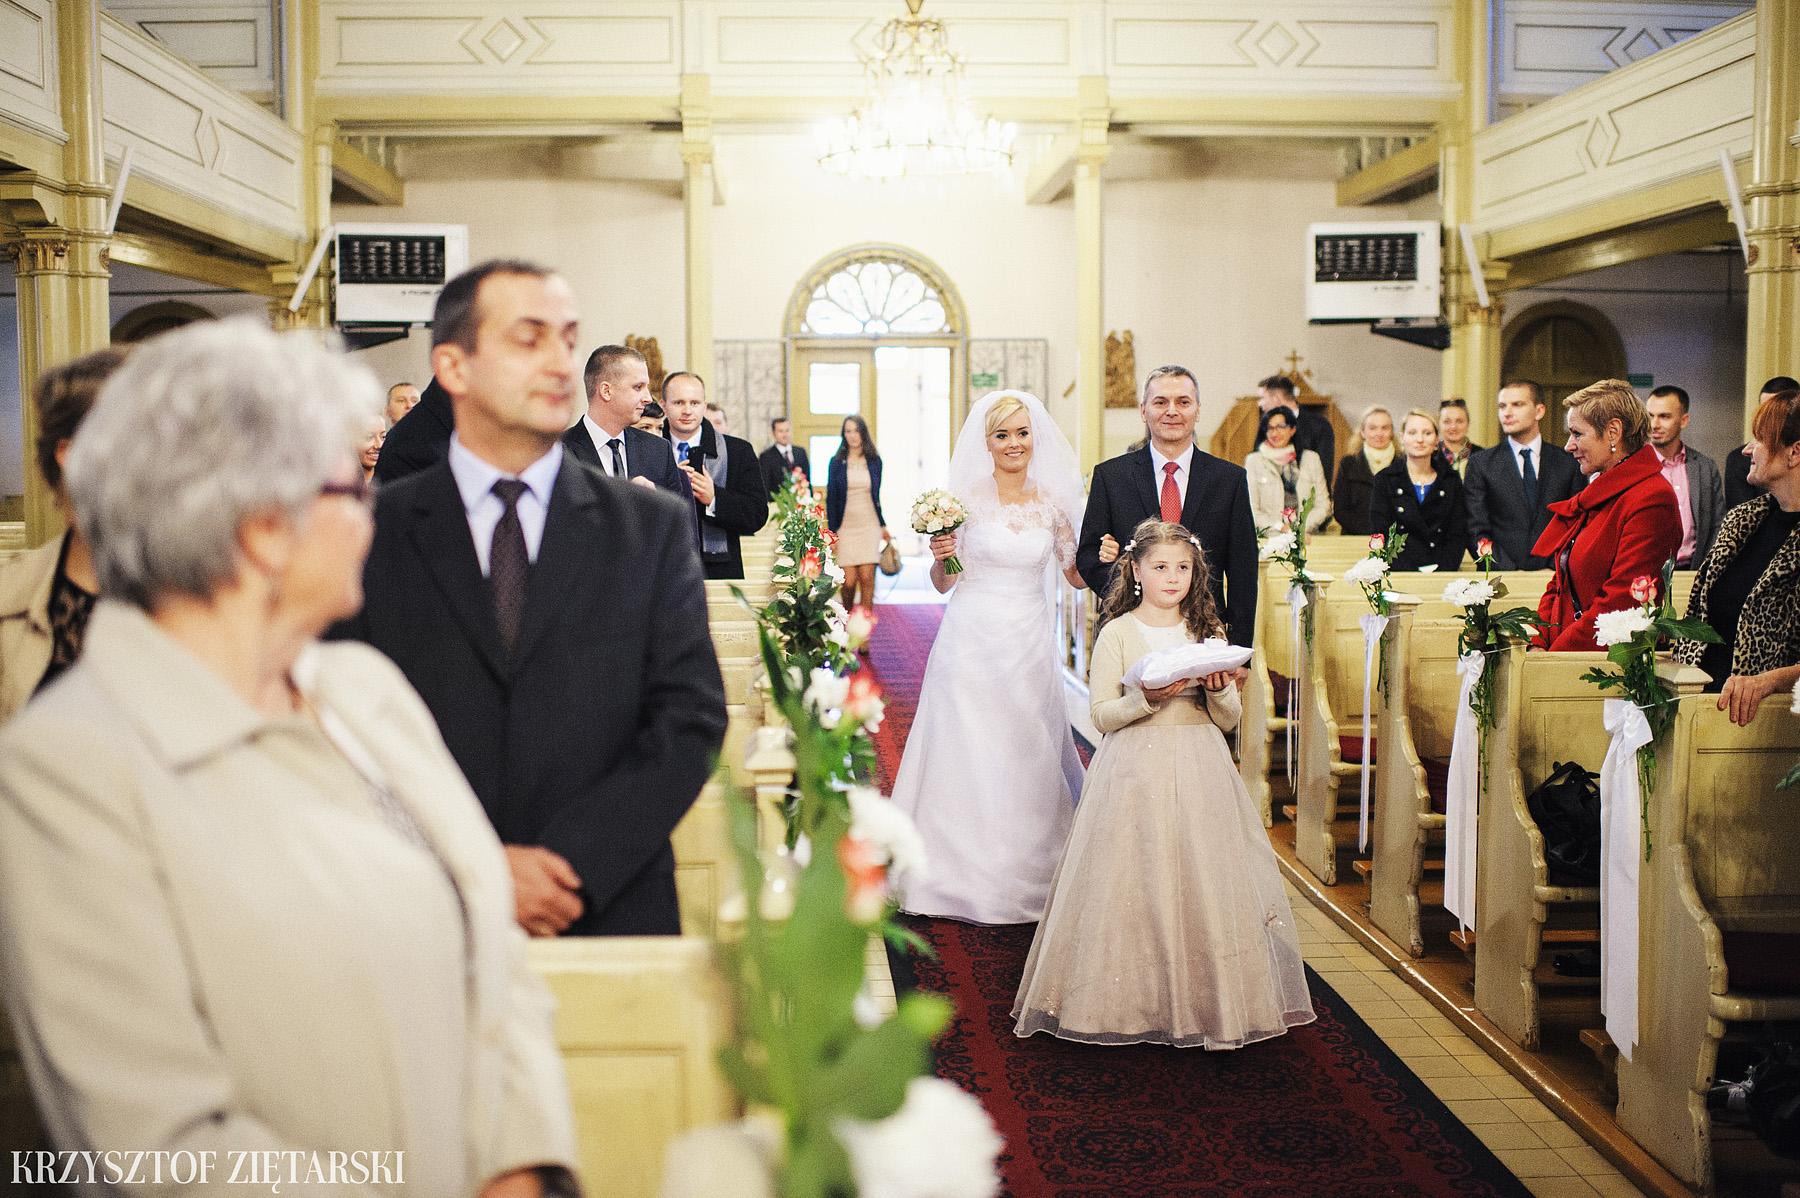 Agnieszka i Jacek - Fotografia ślubna Słupsk, kościół NSJ, wesele Gościniec Młyn Słupski, plener ślubny w Gdyni - 13.